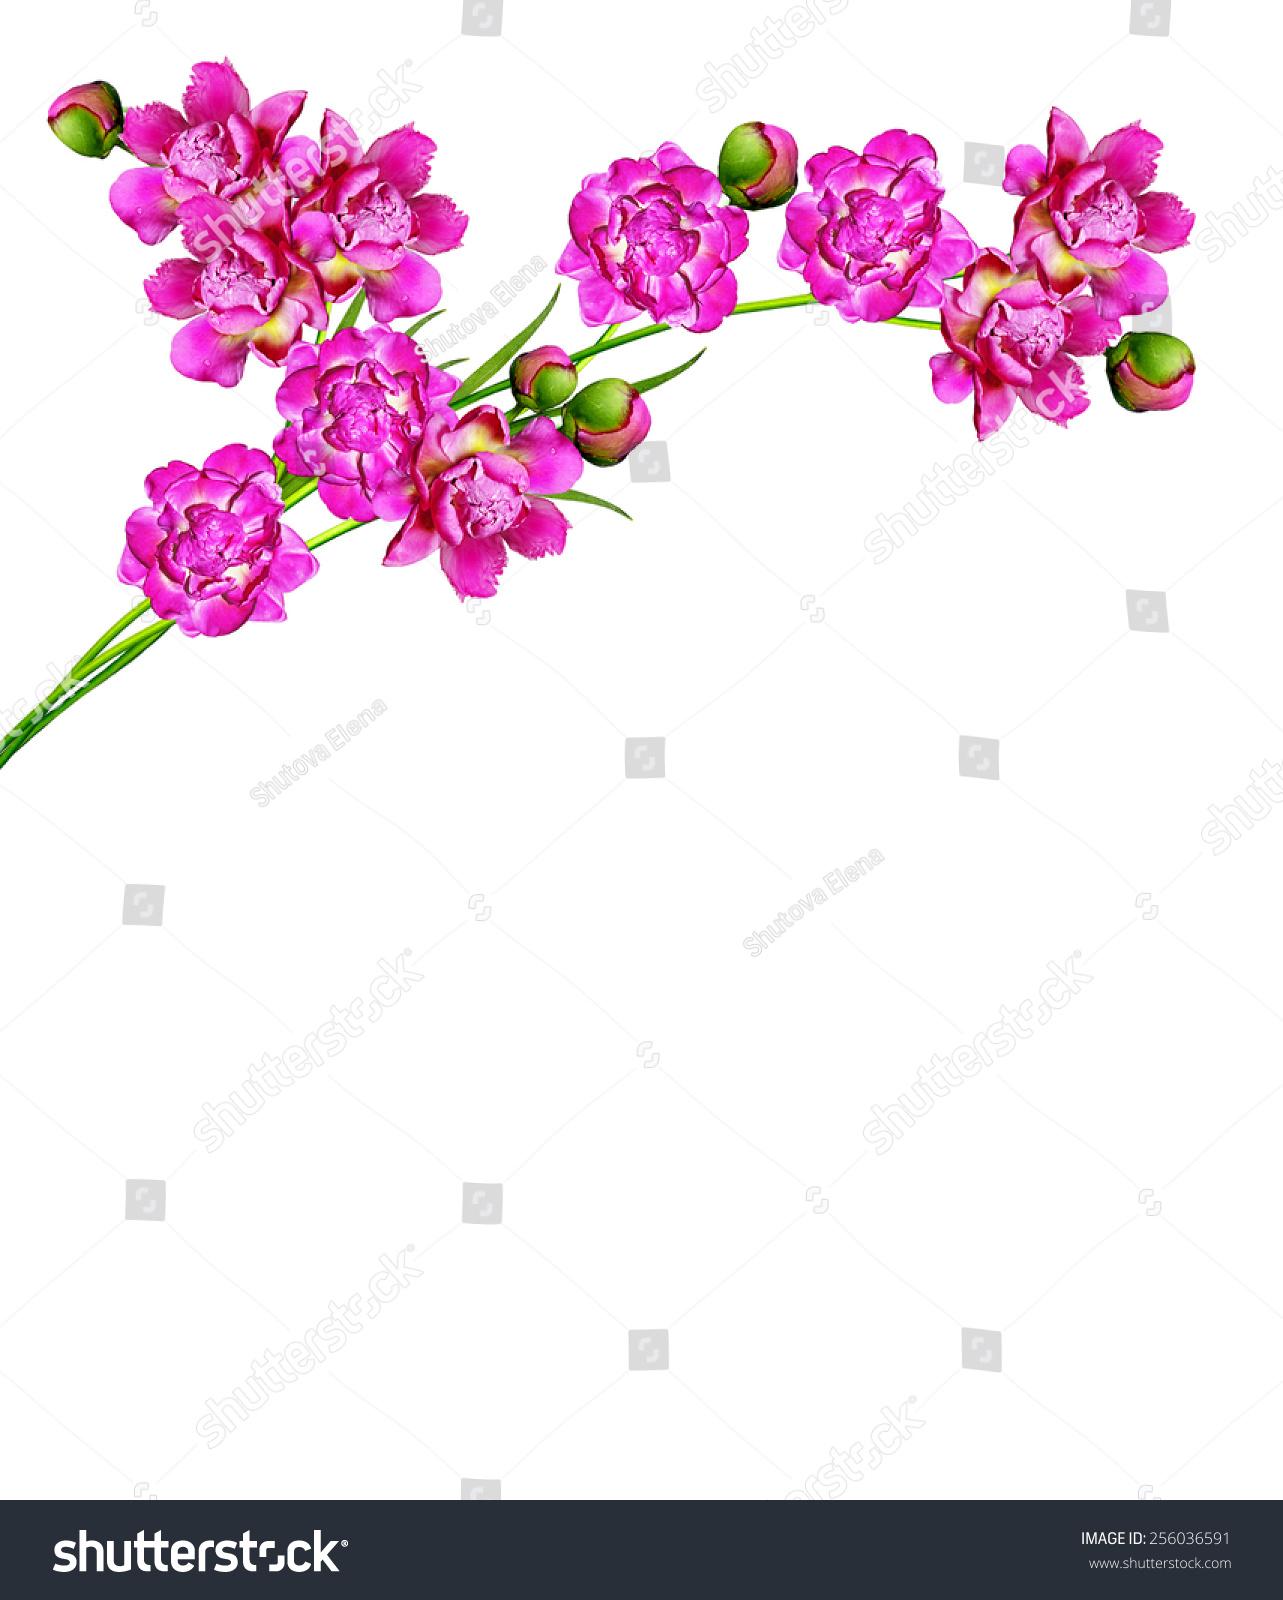 ppt竖版素材花朵